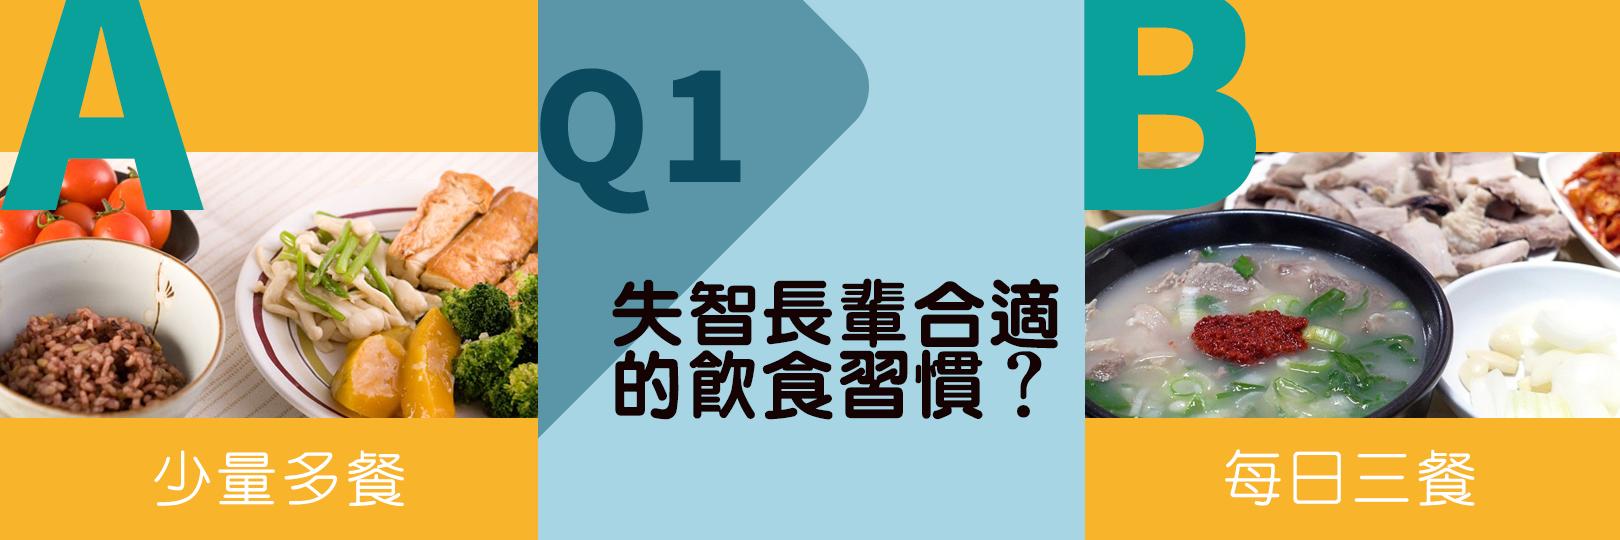 Q1:失智長輩合適的飲食習慣?